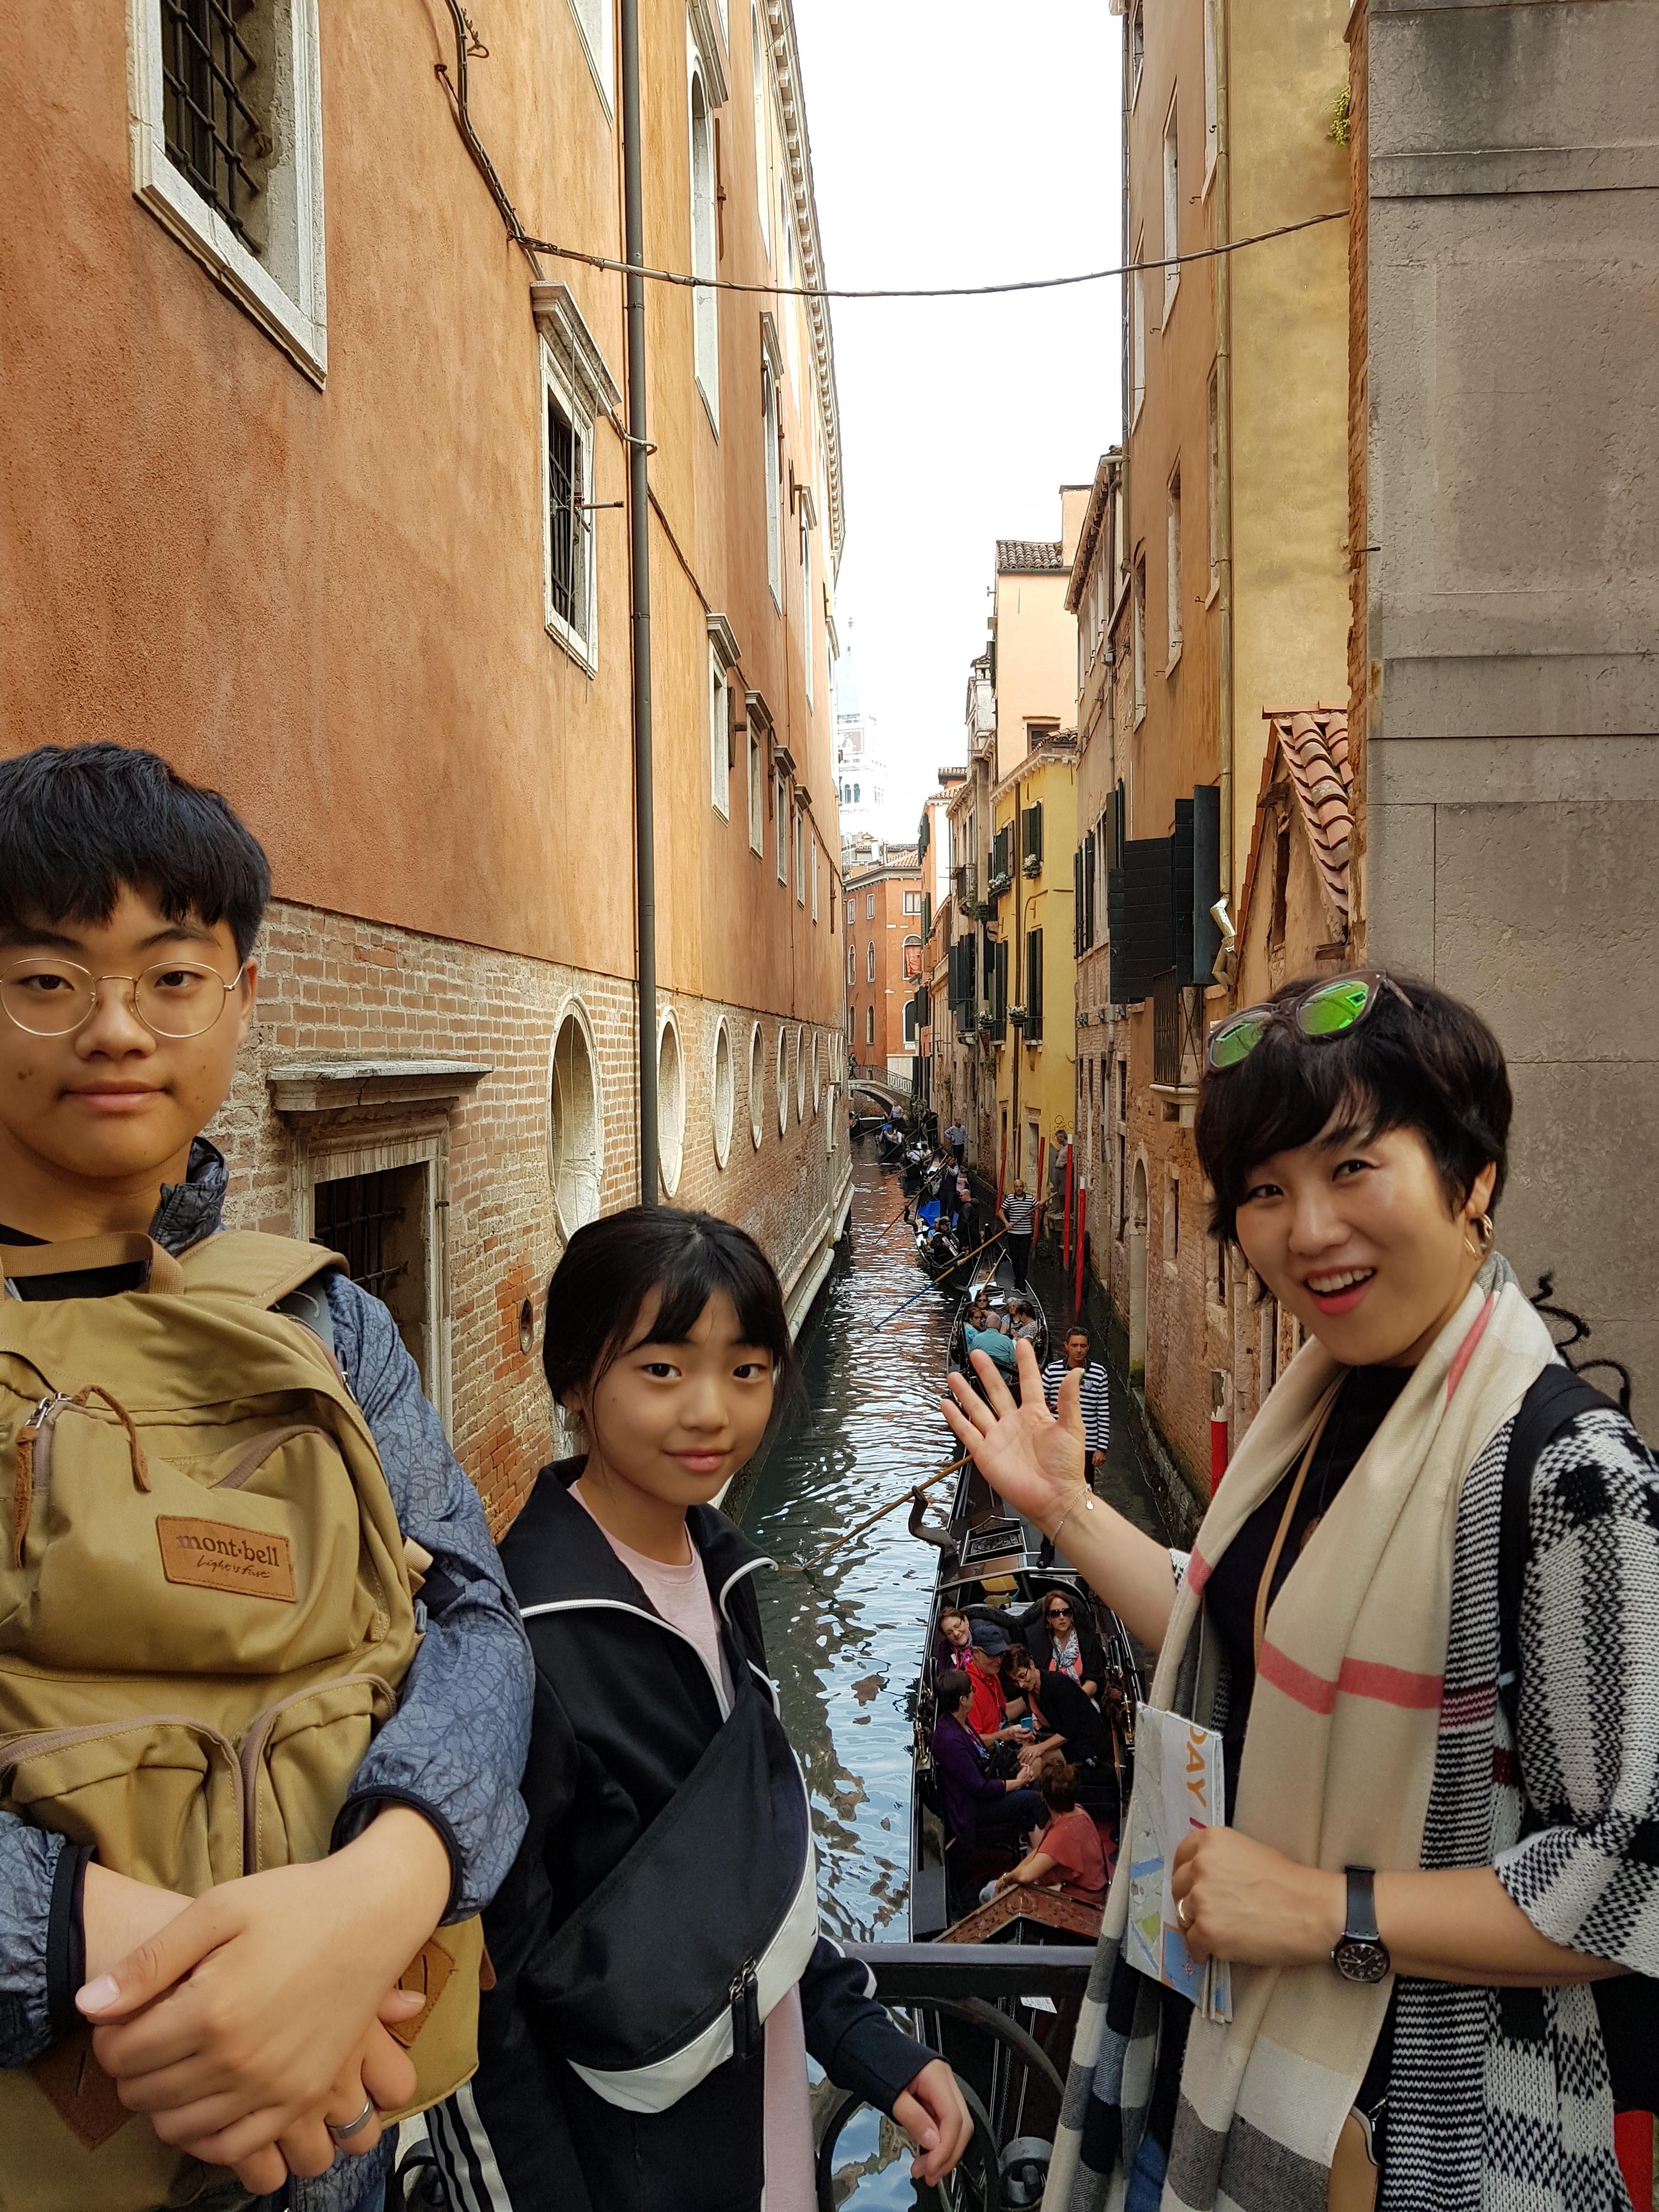 이탈리아여행기8 – 길을 잃어도 아름다운 도시, 베네치아